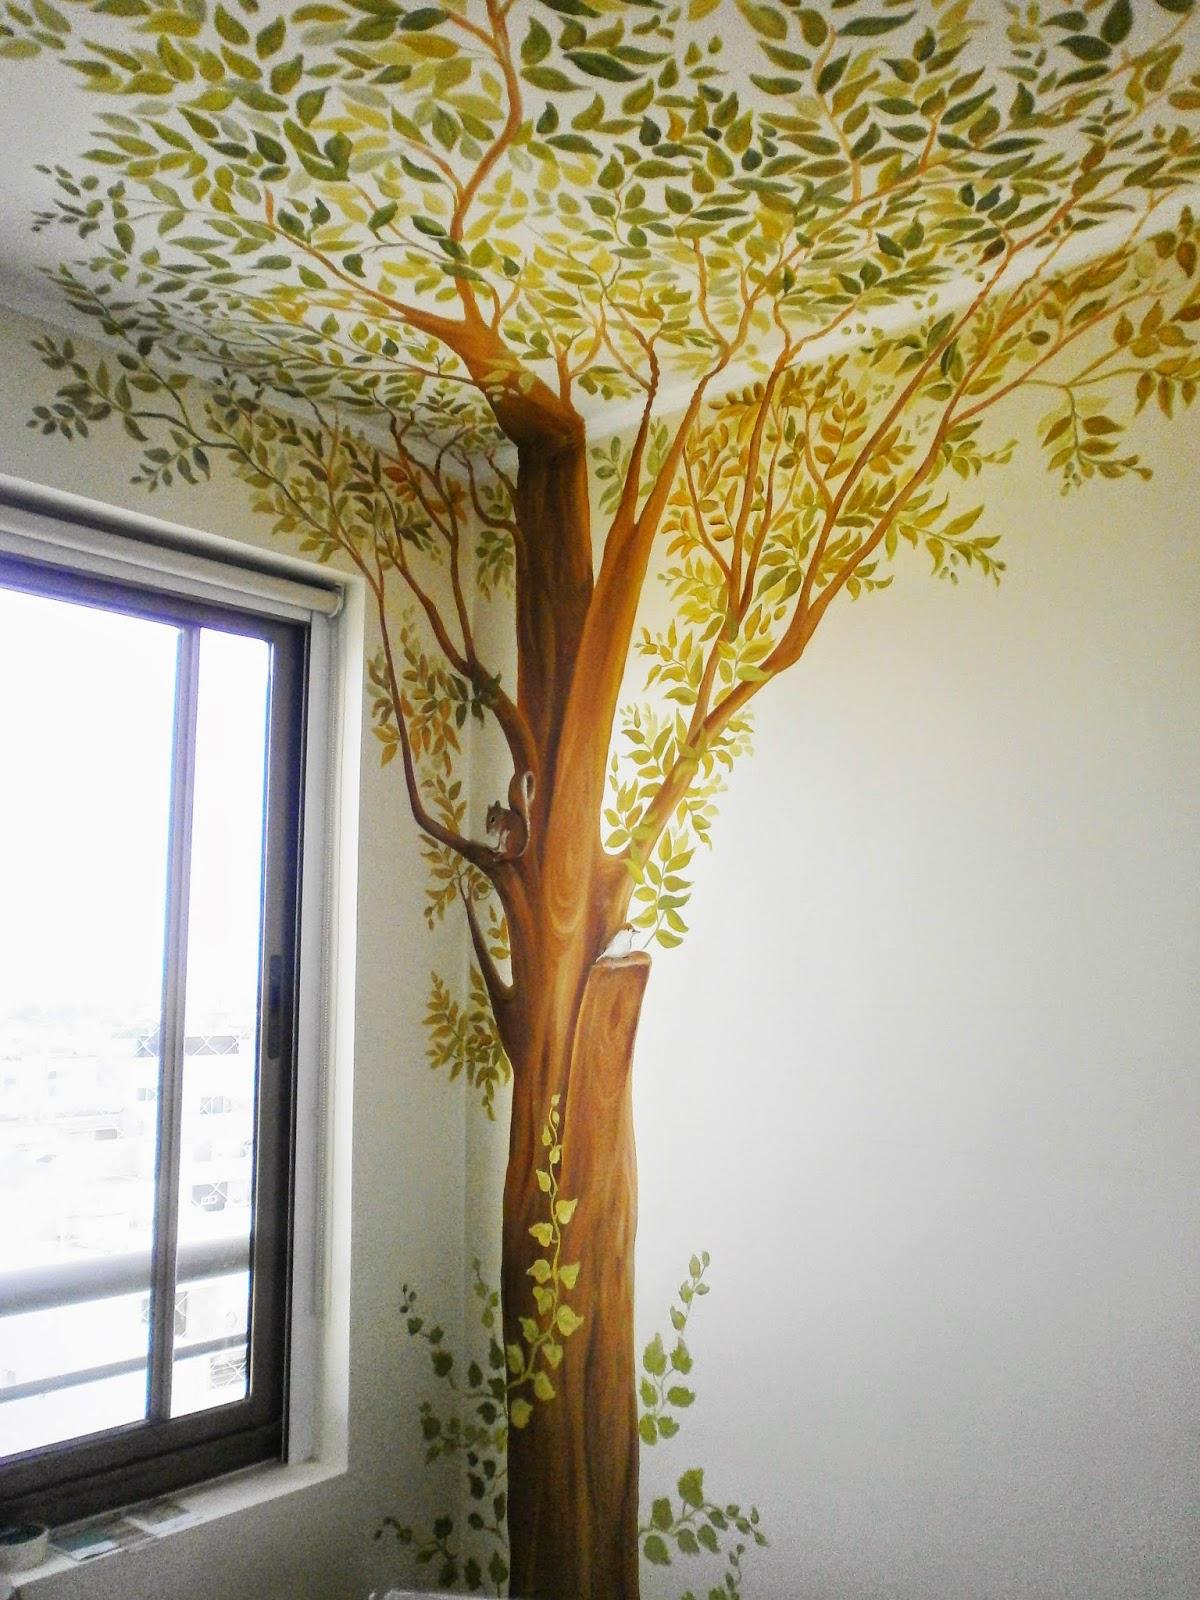 Cuadros artisticos pinturas decorativas y murales por - Cuadros murales para pared ...